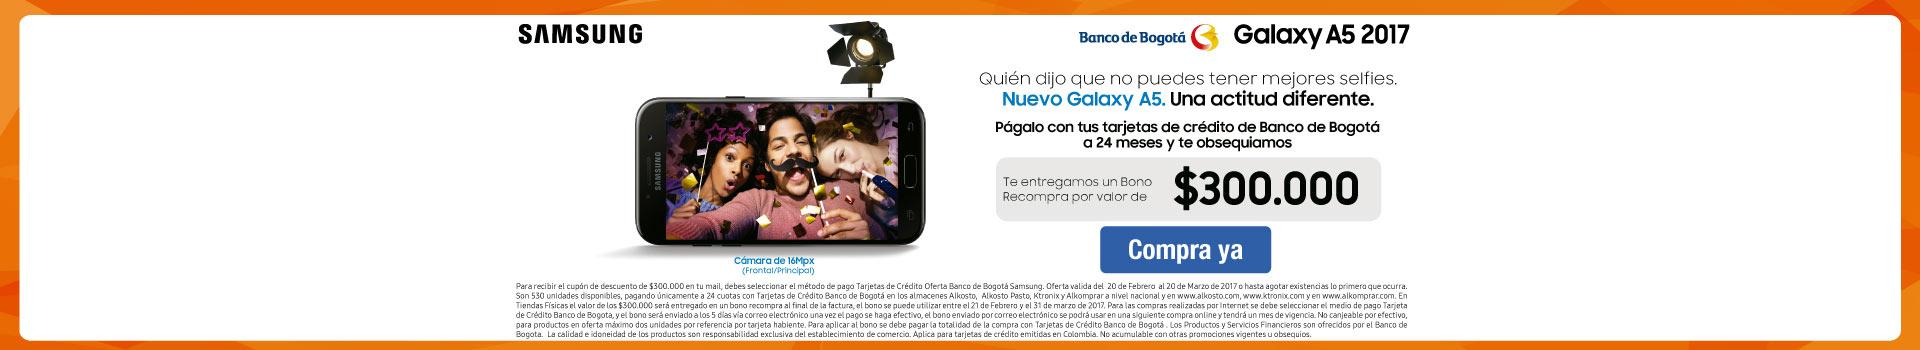 Pauta SAMSUNG - CAT - Lanzamiento Samsung A5 con Banco de Bogotá - Febrero 20